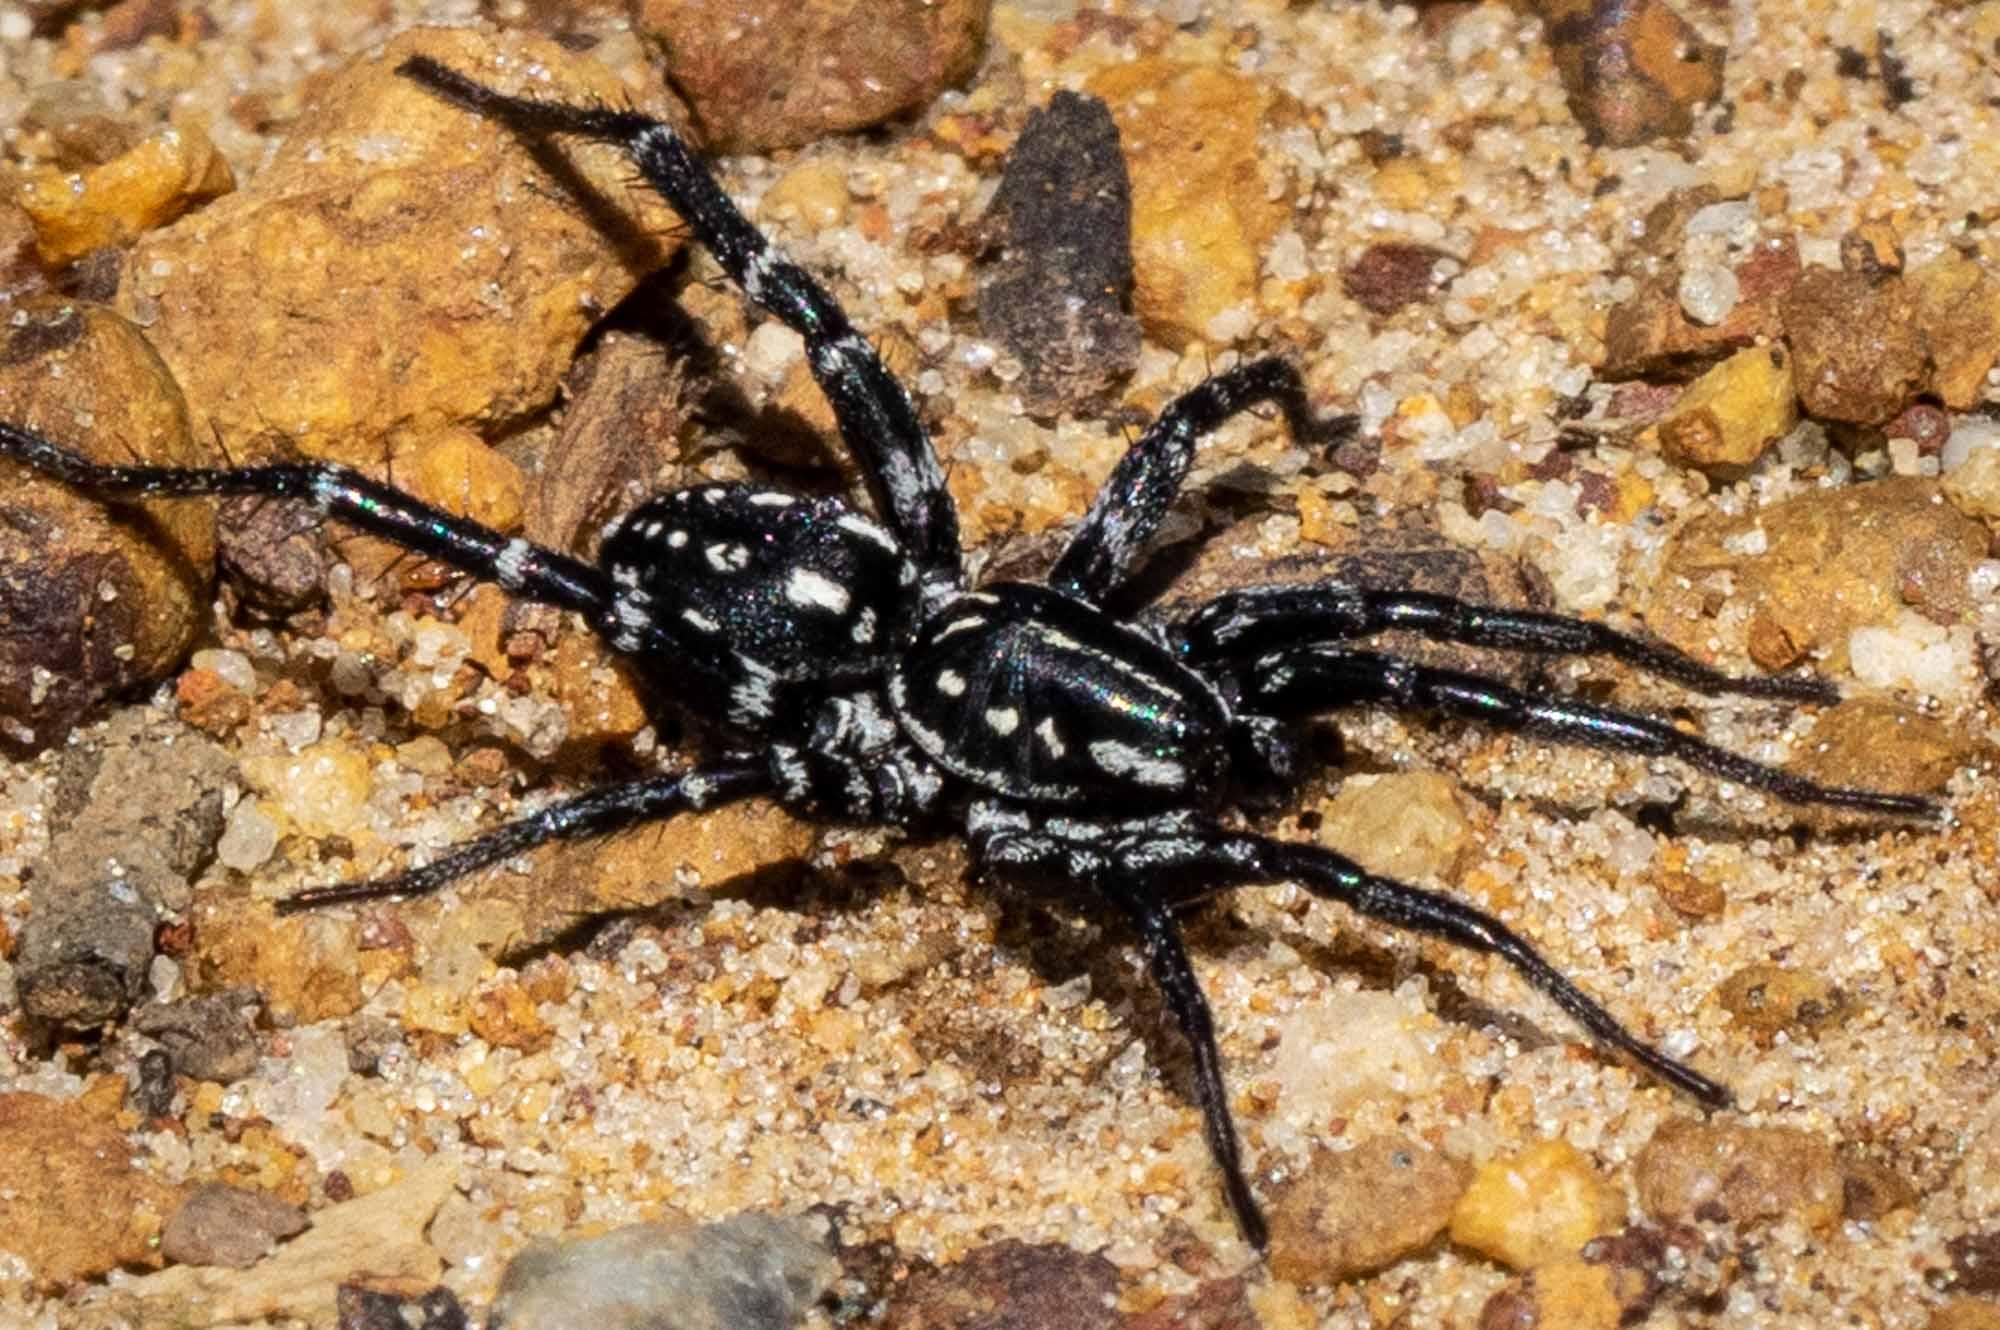 a Swift Spider